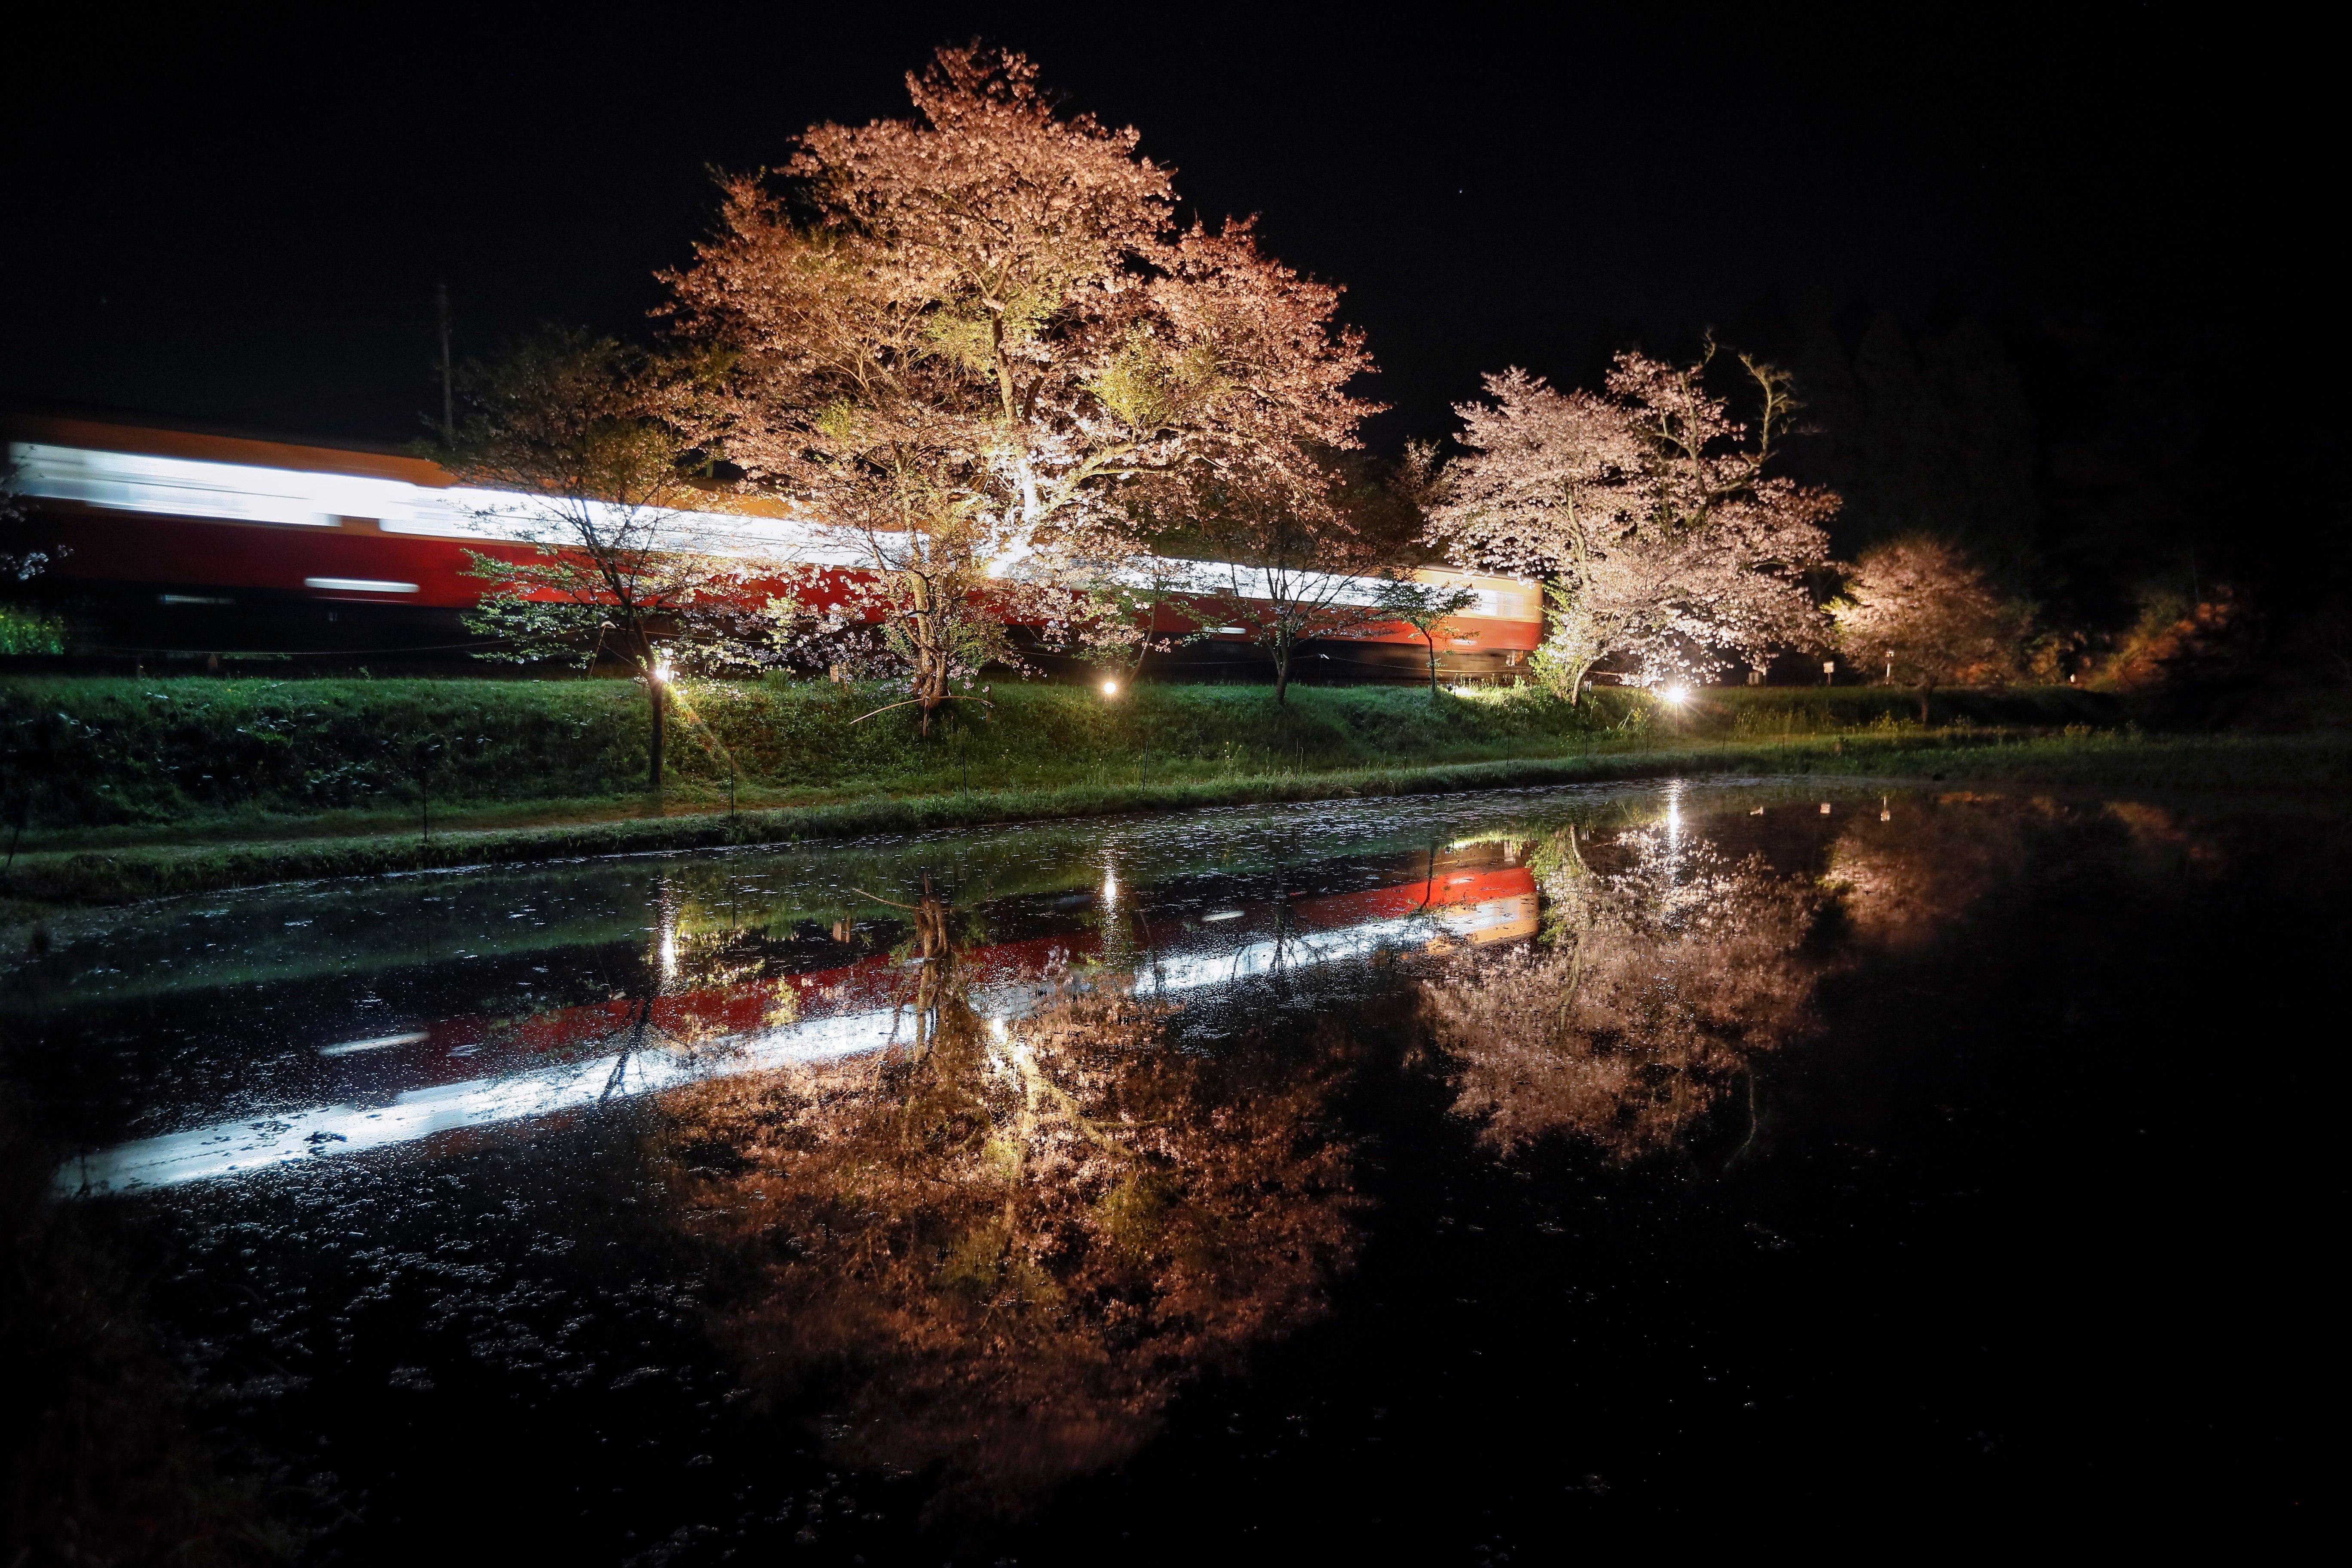 Les aigües d'un arrossar reflecteixen el pas d'un tren i uns cirerers en flor a Ichihara, al Japó. /KIMIMASA MAYAMA